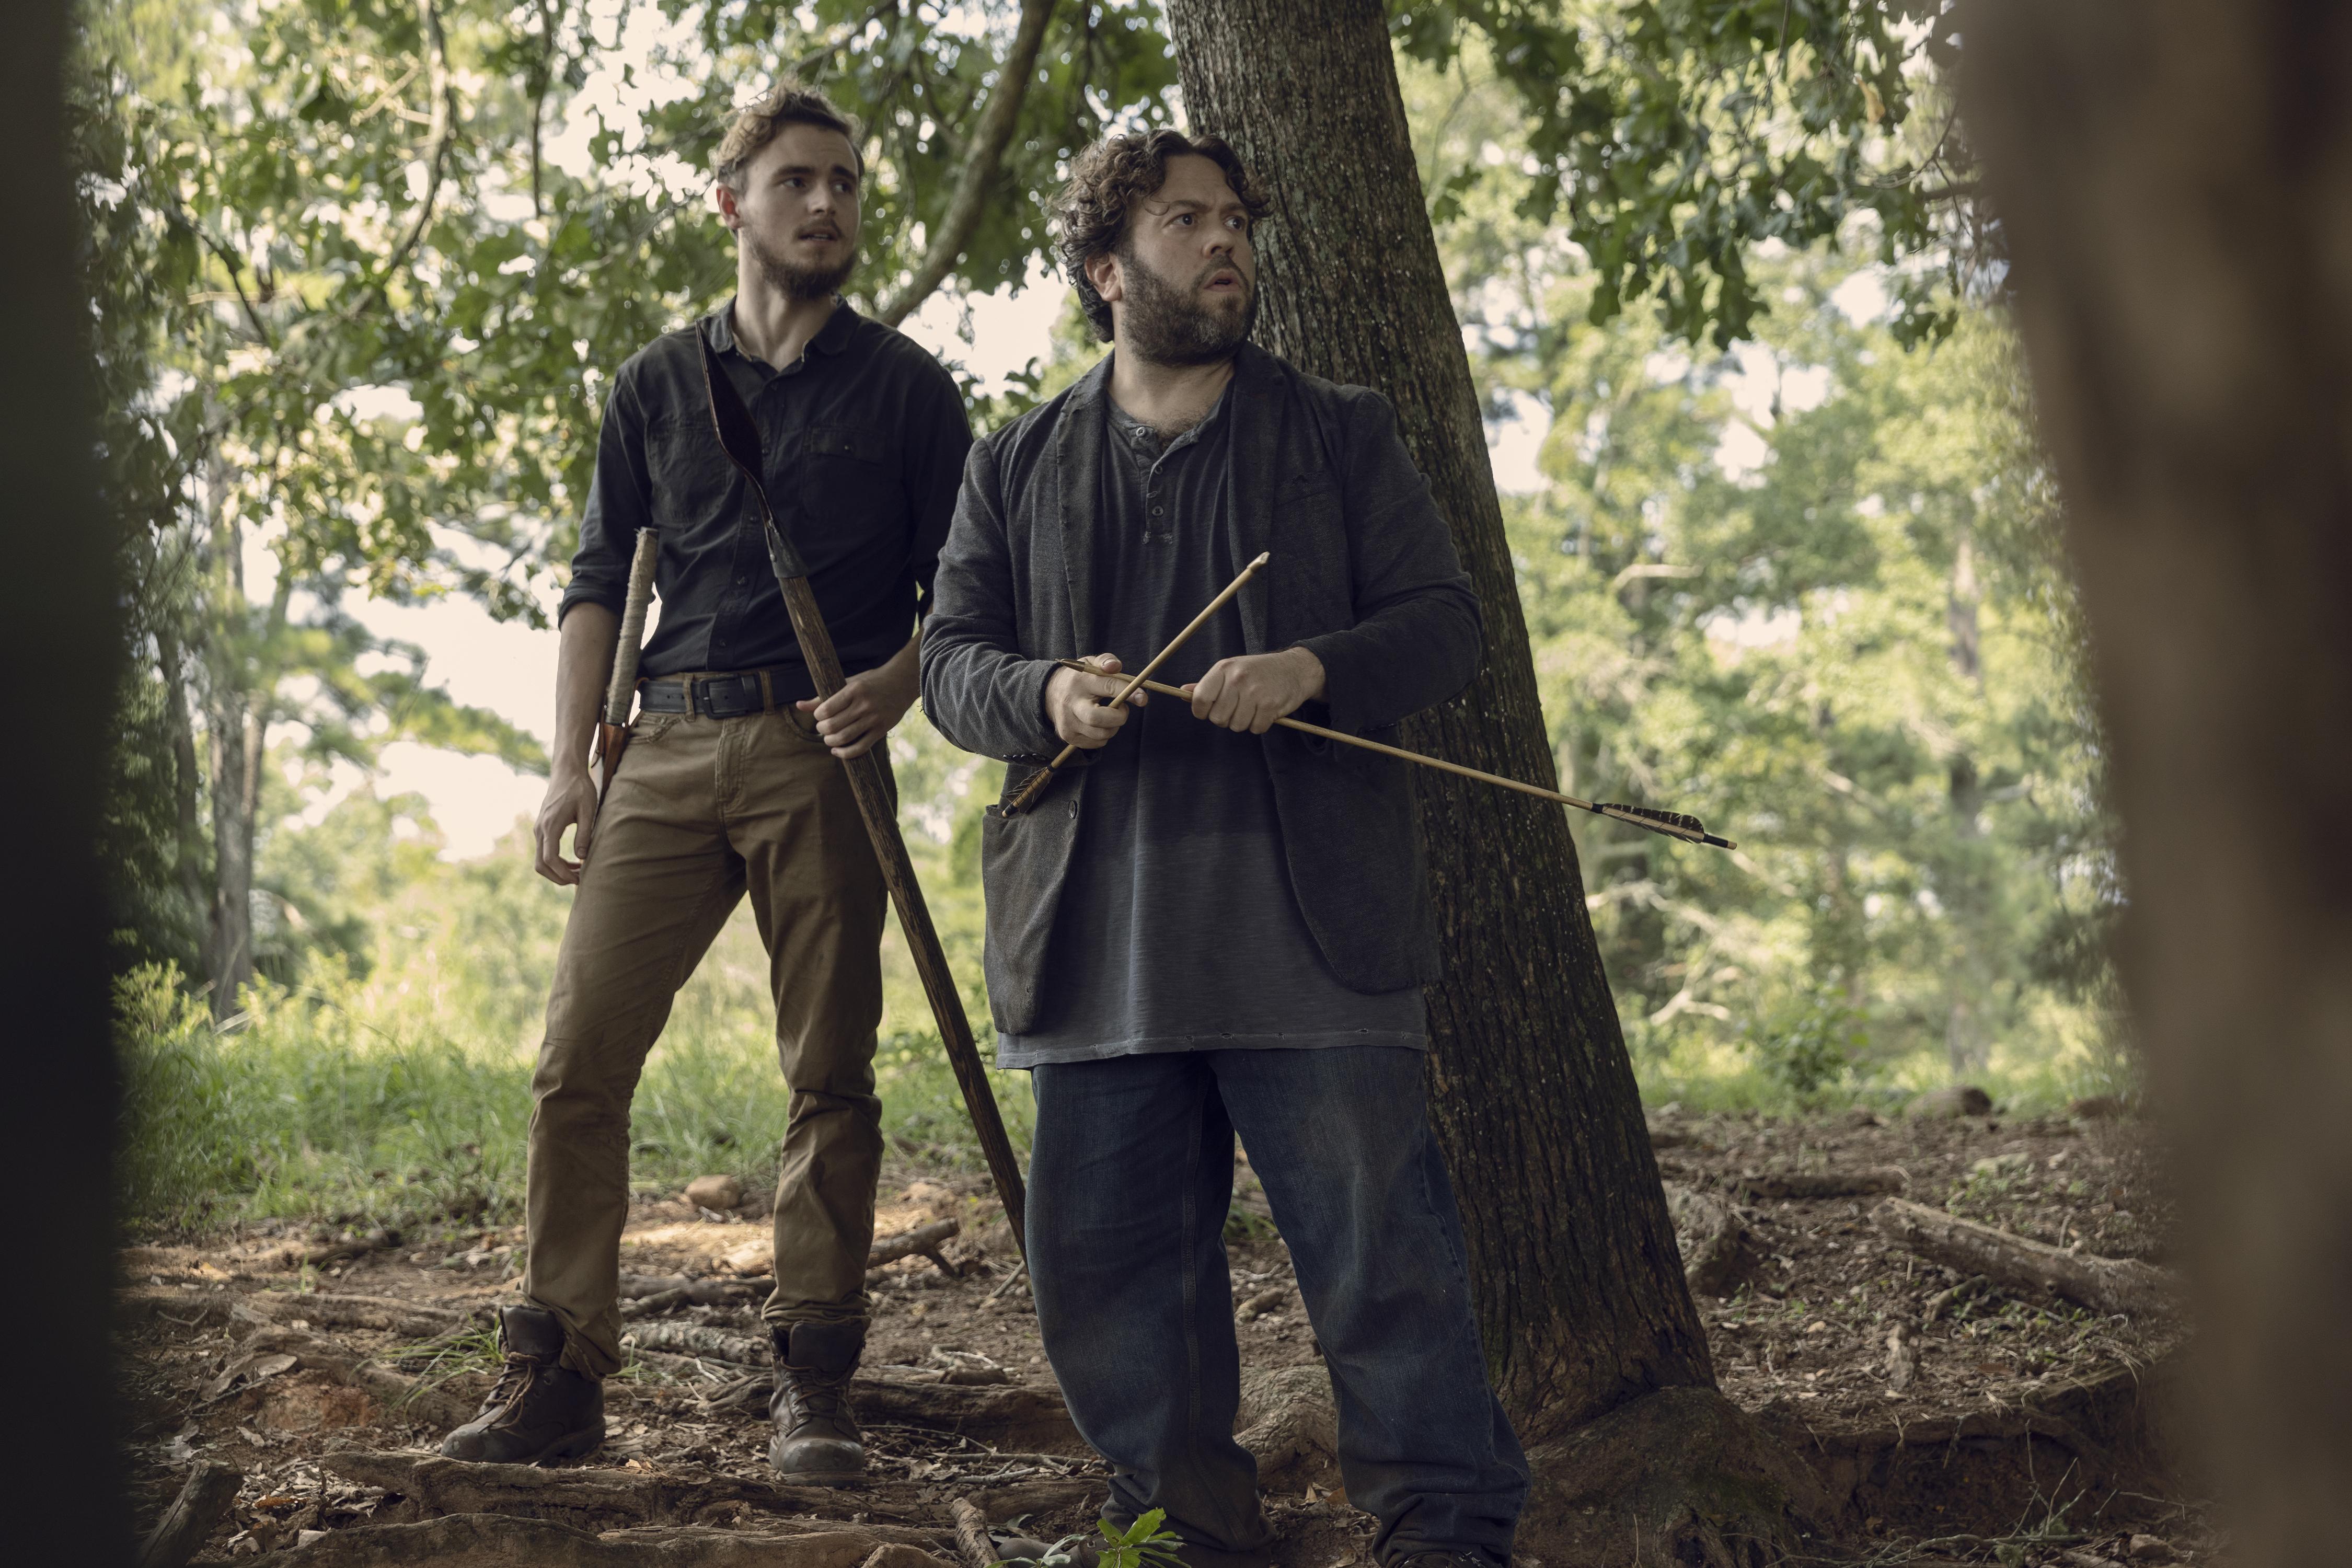 Luke (Dan Fogler) et Alden (Callan McAuliffe) se retrouvent dans le pétrin... - The Walking Dead - Saison 9, Épisode 9 - Crédit Photo : Jackson Lee Davis/AMC